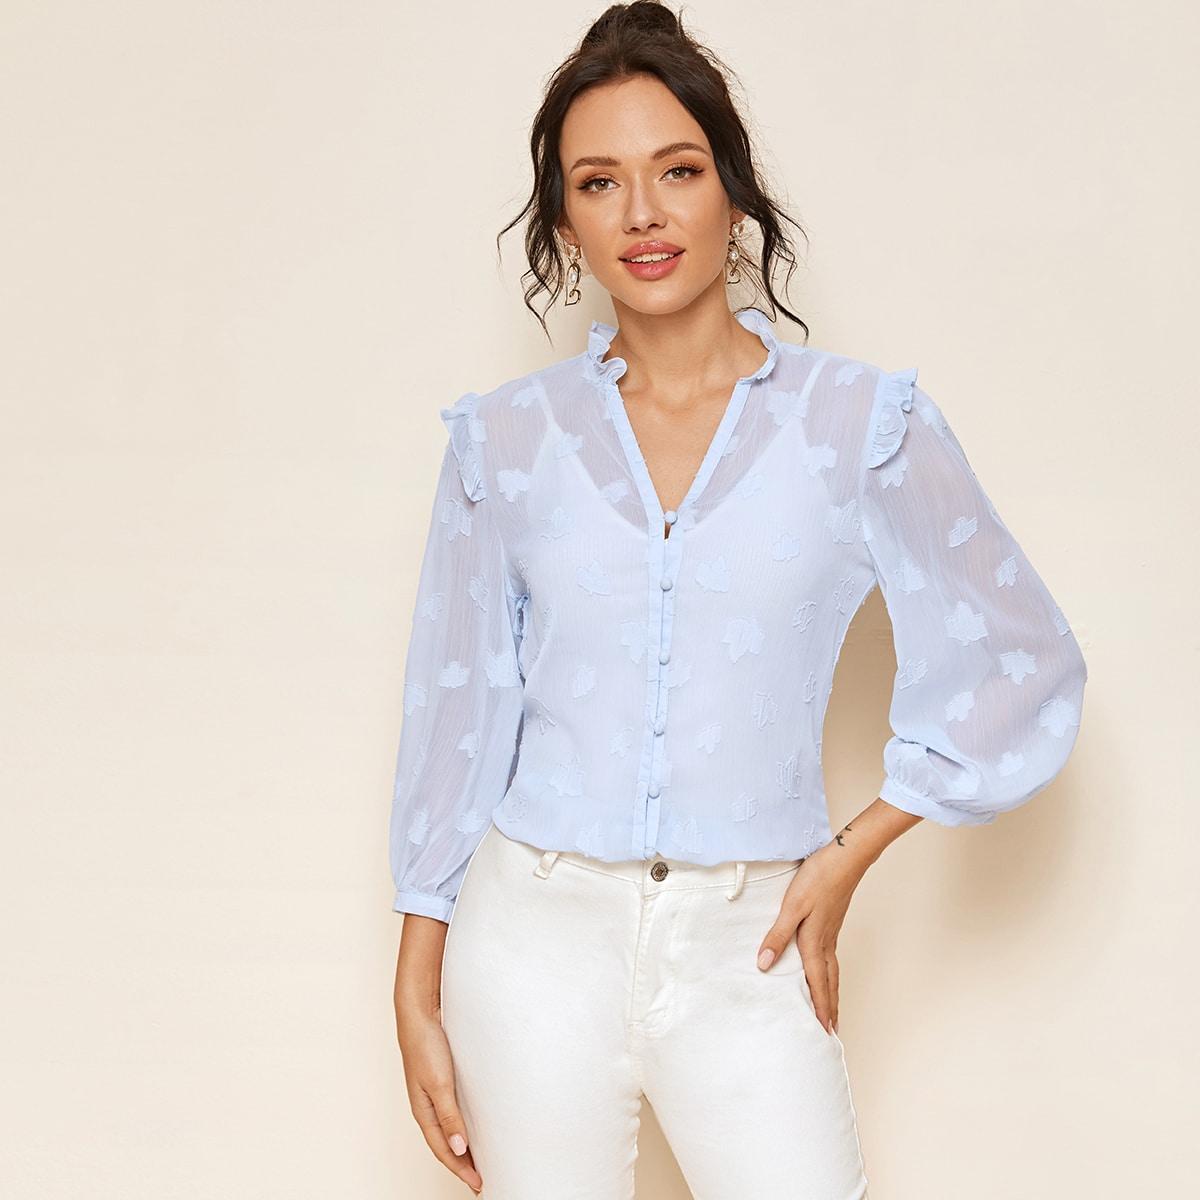 Прозрачная блуза с пуговицами без майки фото